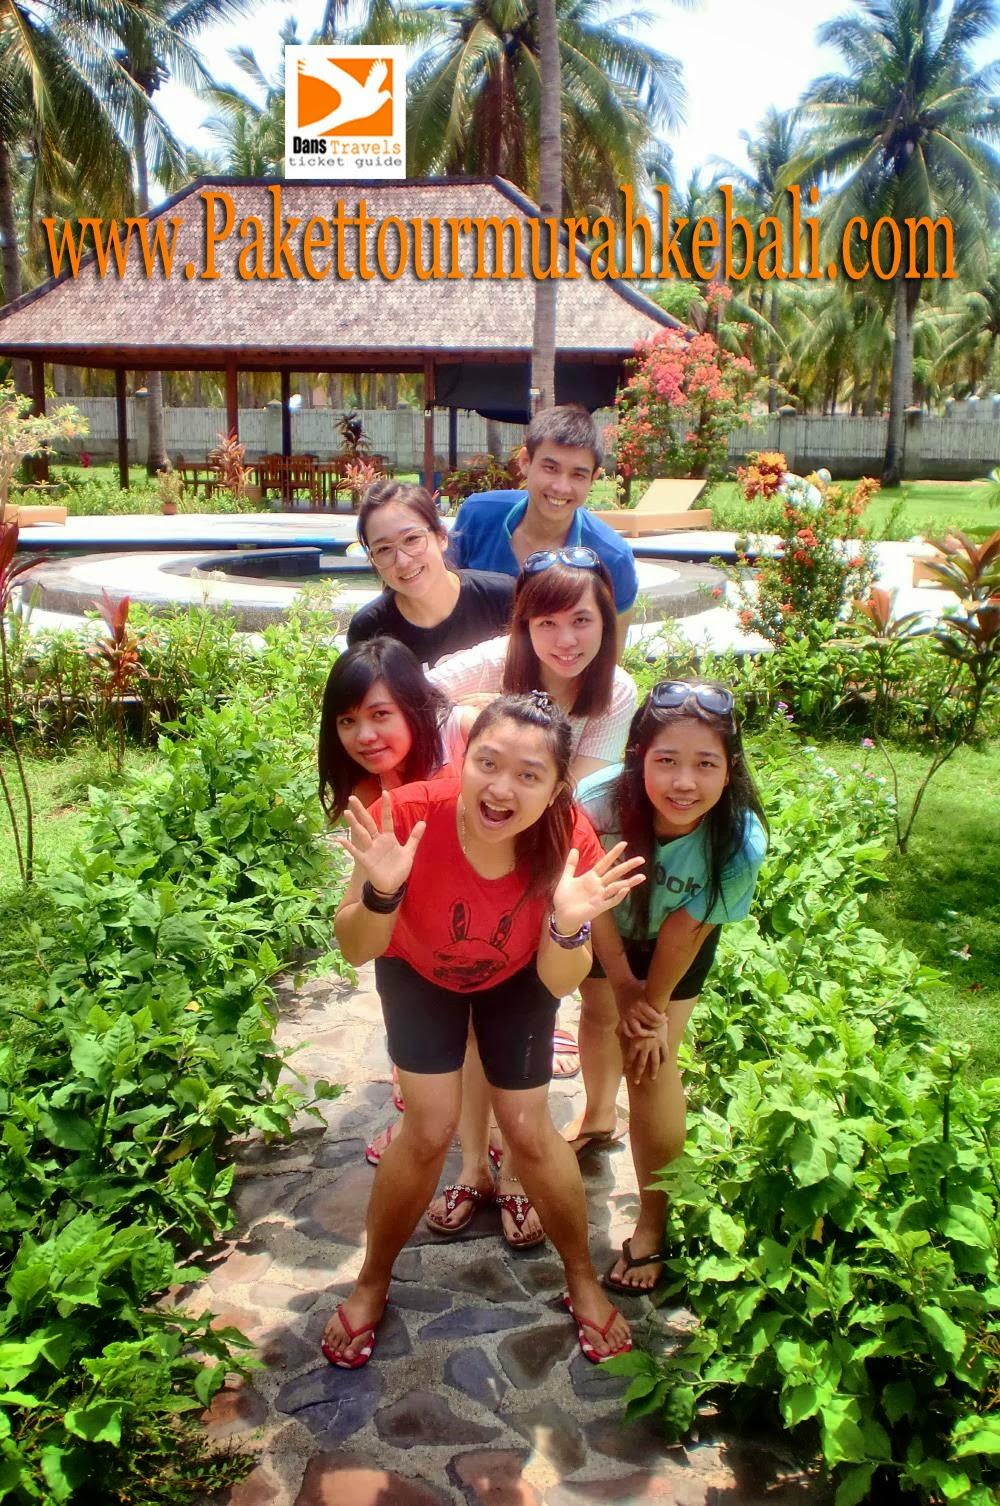 http://www.pakettourmurahkebali.com/search/label/Paket%20Murah%20Semalam%20di%20Gili%20Trawangan